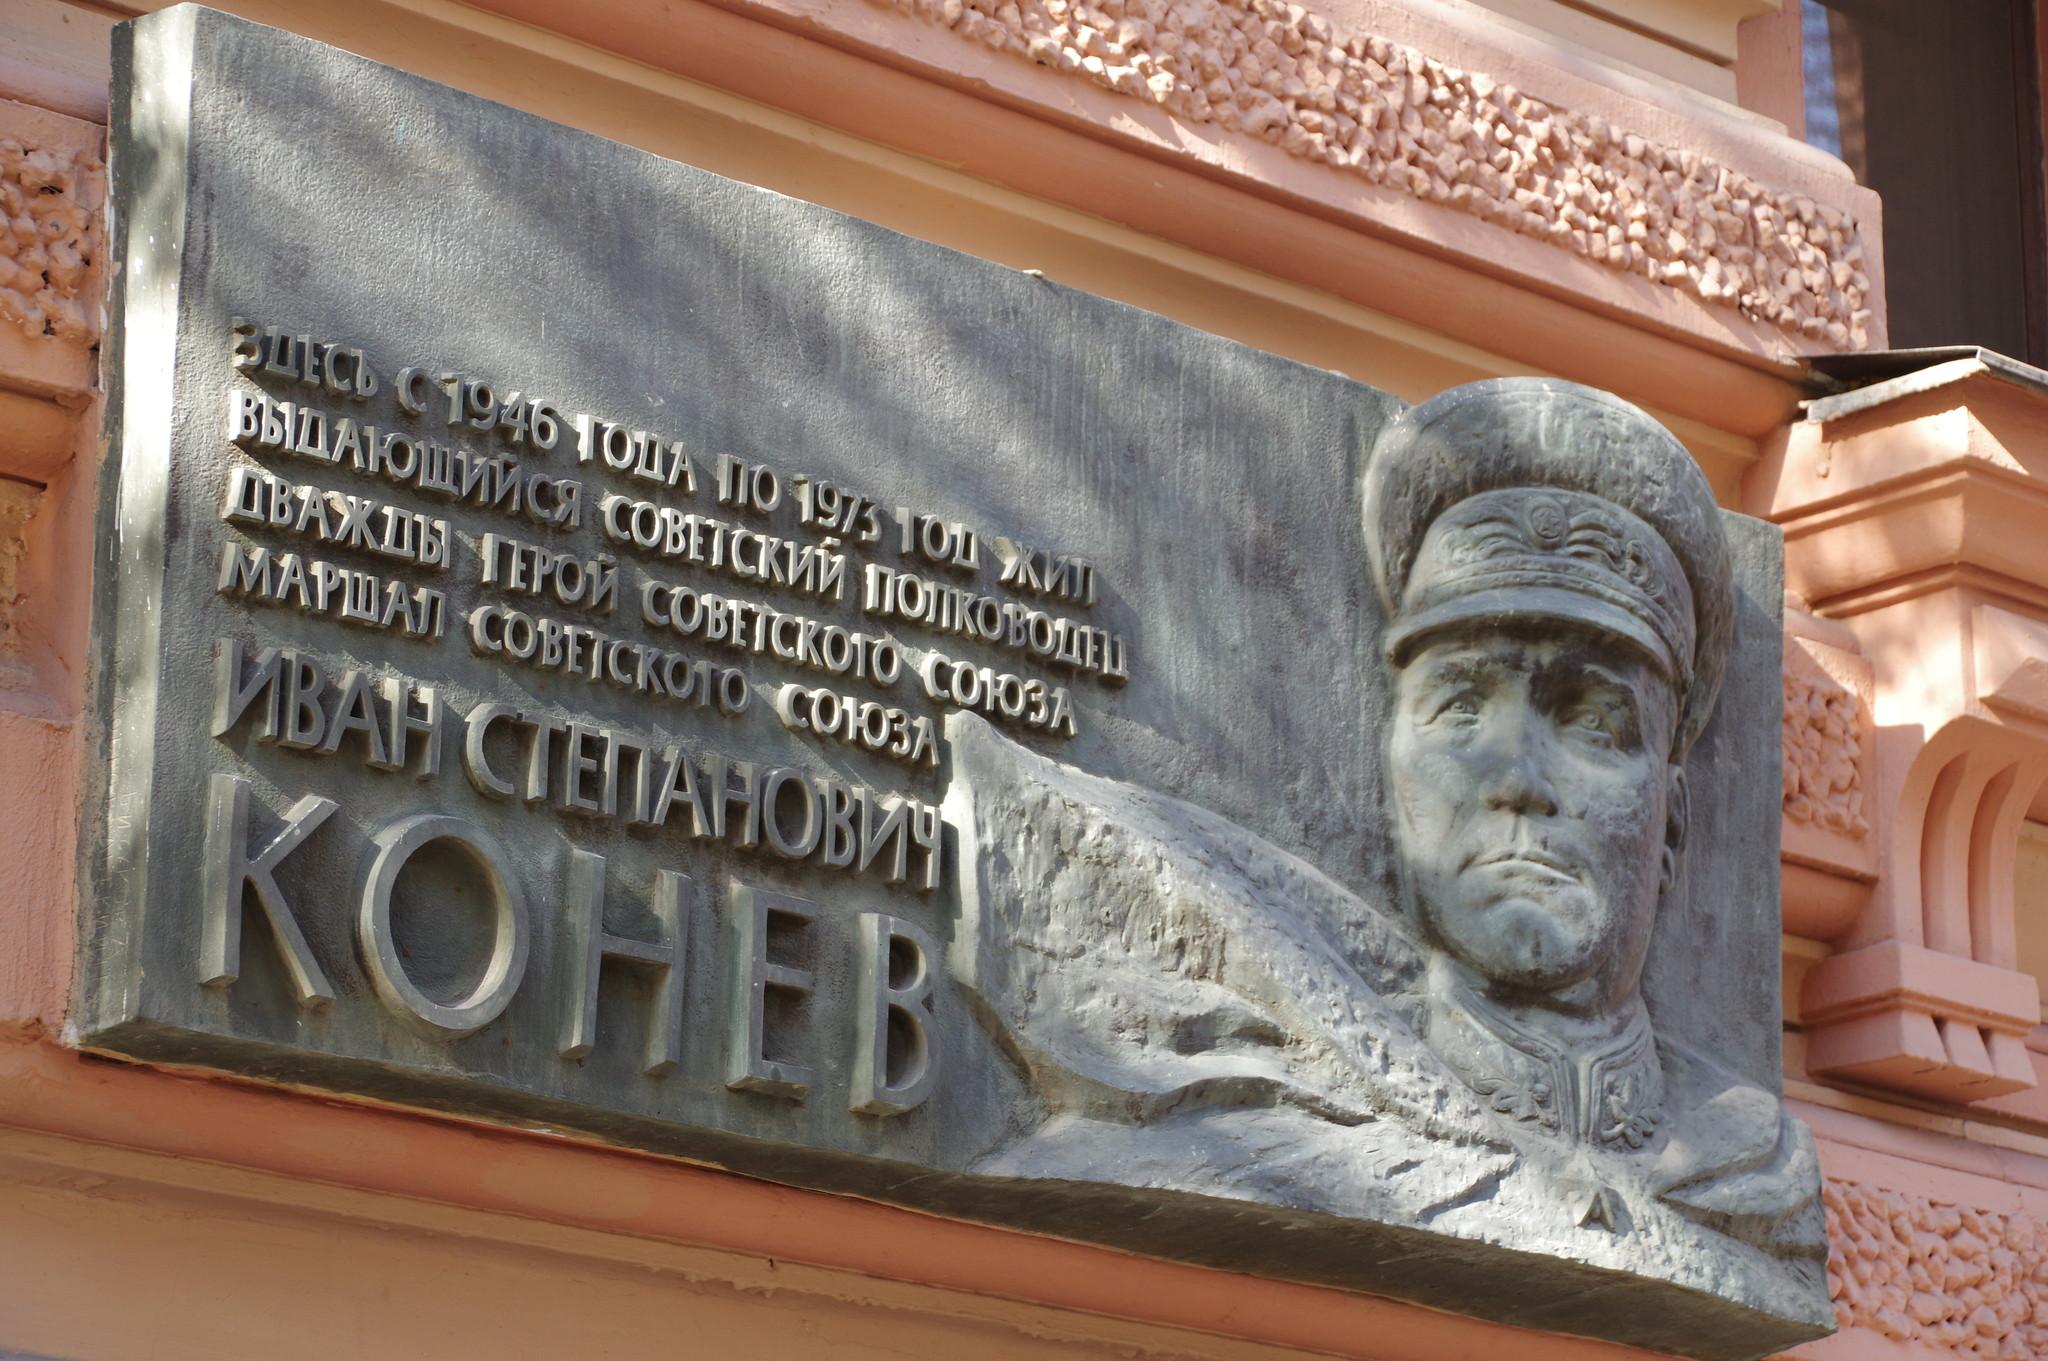 Мемориальная доска Ивану Степановичу Коневу в Москве на фасаде дома в Москве, где он жил с 1946 года по 1973 год (Романов переулок, дом 3)